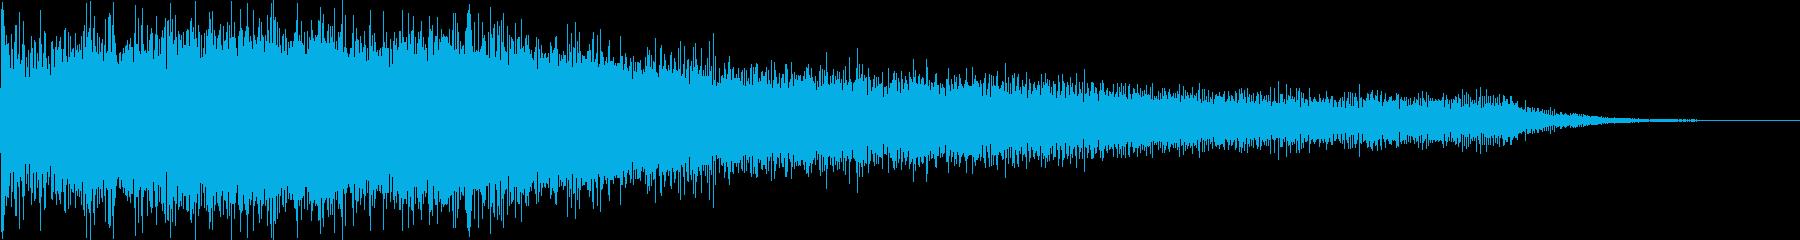 カジノスロット定番トップシンボル音7の再生済みの波形